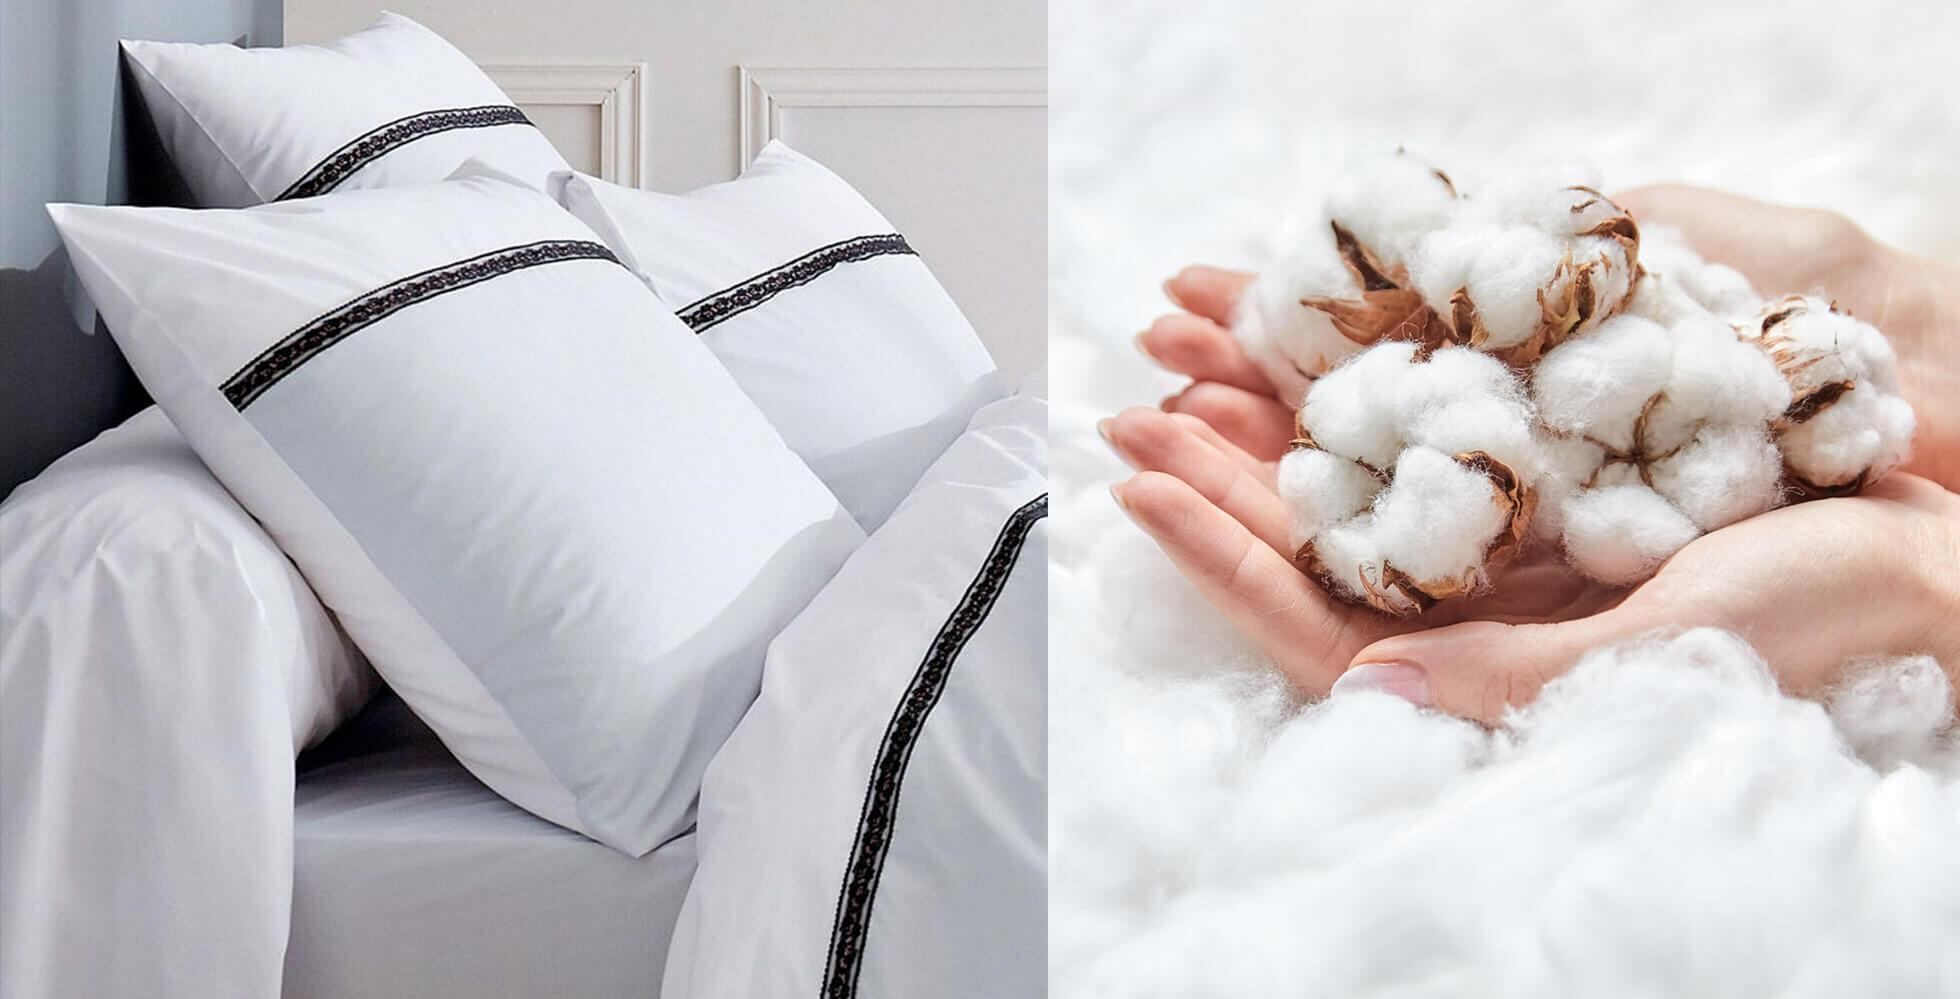 ropa de cama blanca y flores de algodón